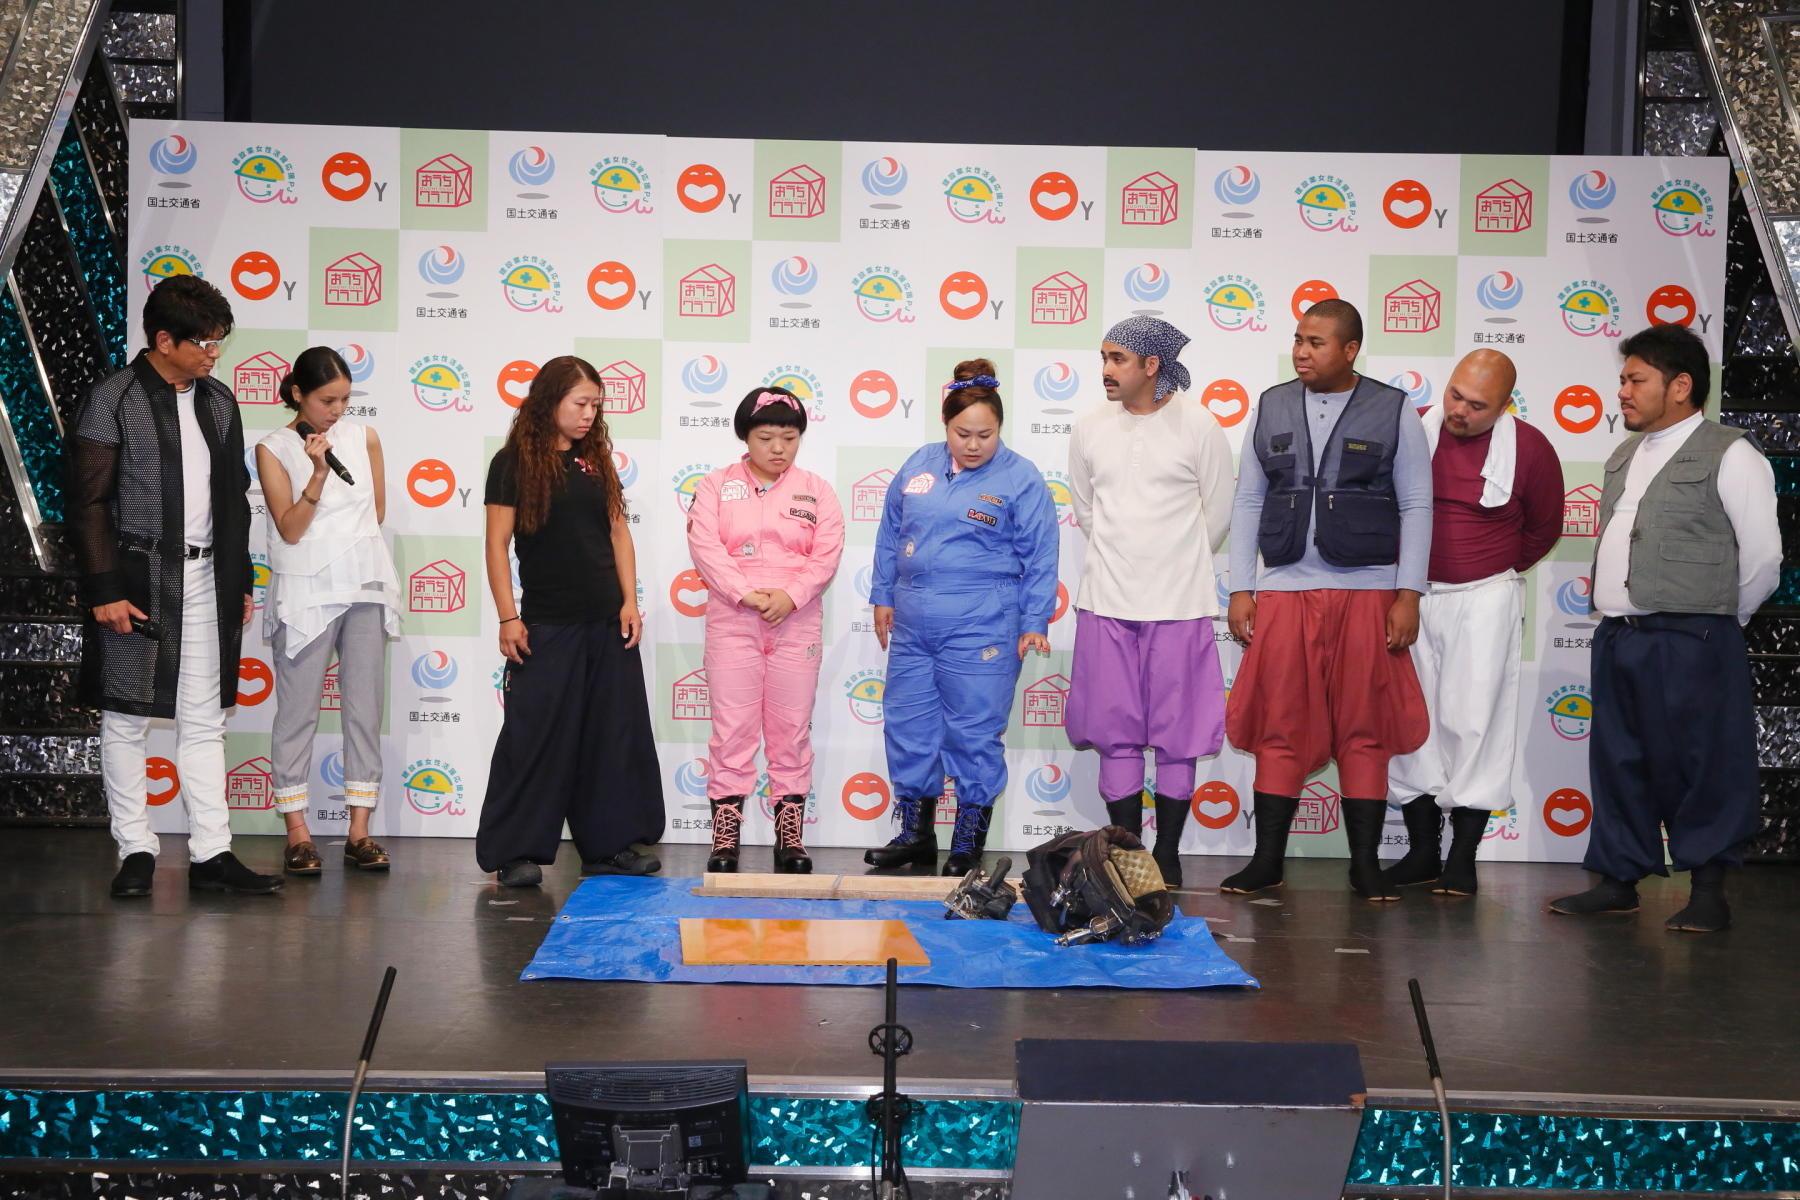 http://news.yoshimoto.co.jp/20160817181522-87fc3977afb69f37c42156d8159b6f4d6c31d2b1.jpg